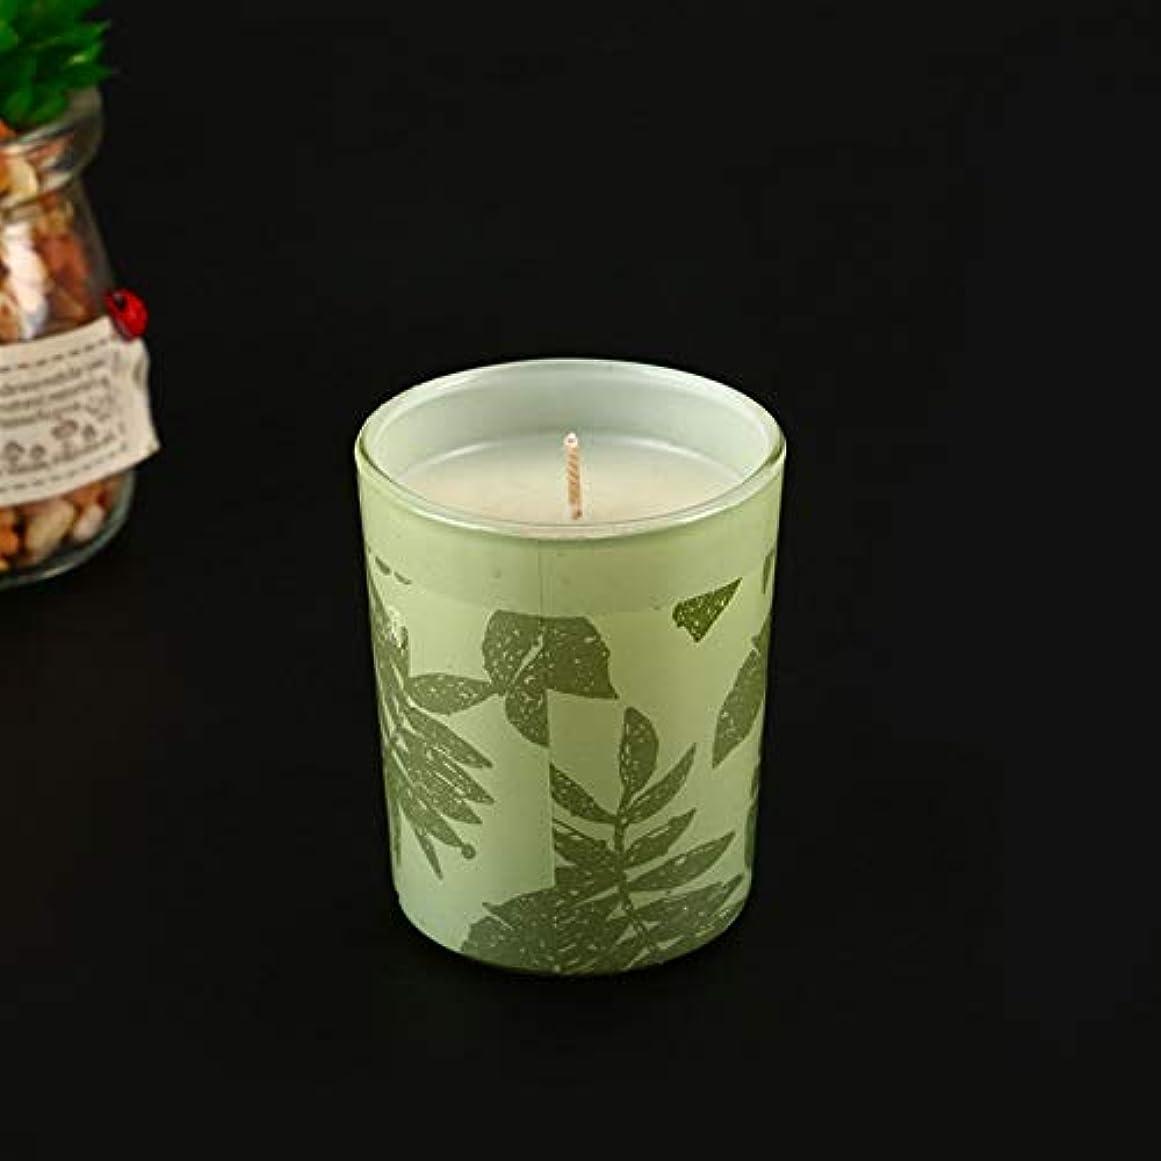 光電そうすることになっているGuomao アロマセラピーキャンドルガラス香料入りキャンドル無煙大豆キャンドル誕生日キャンドル (色 : Green tea)